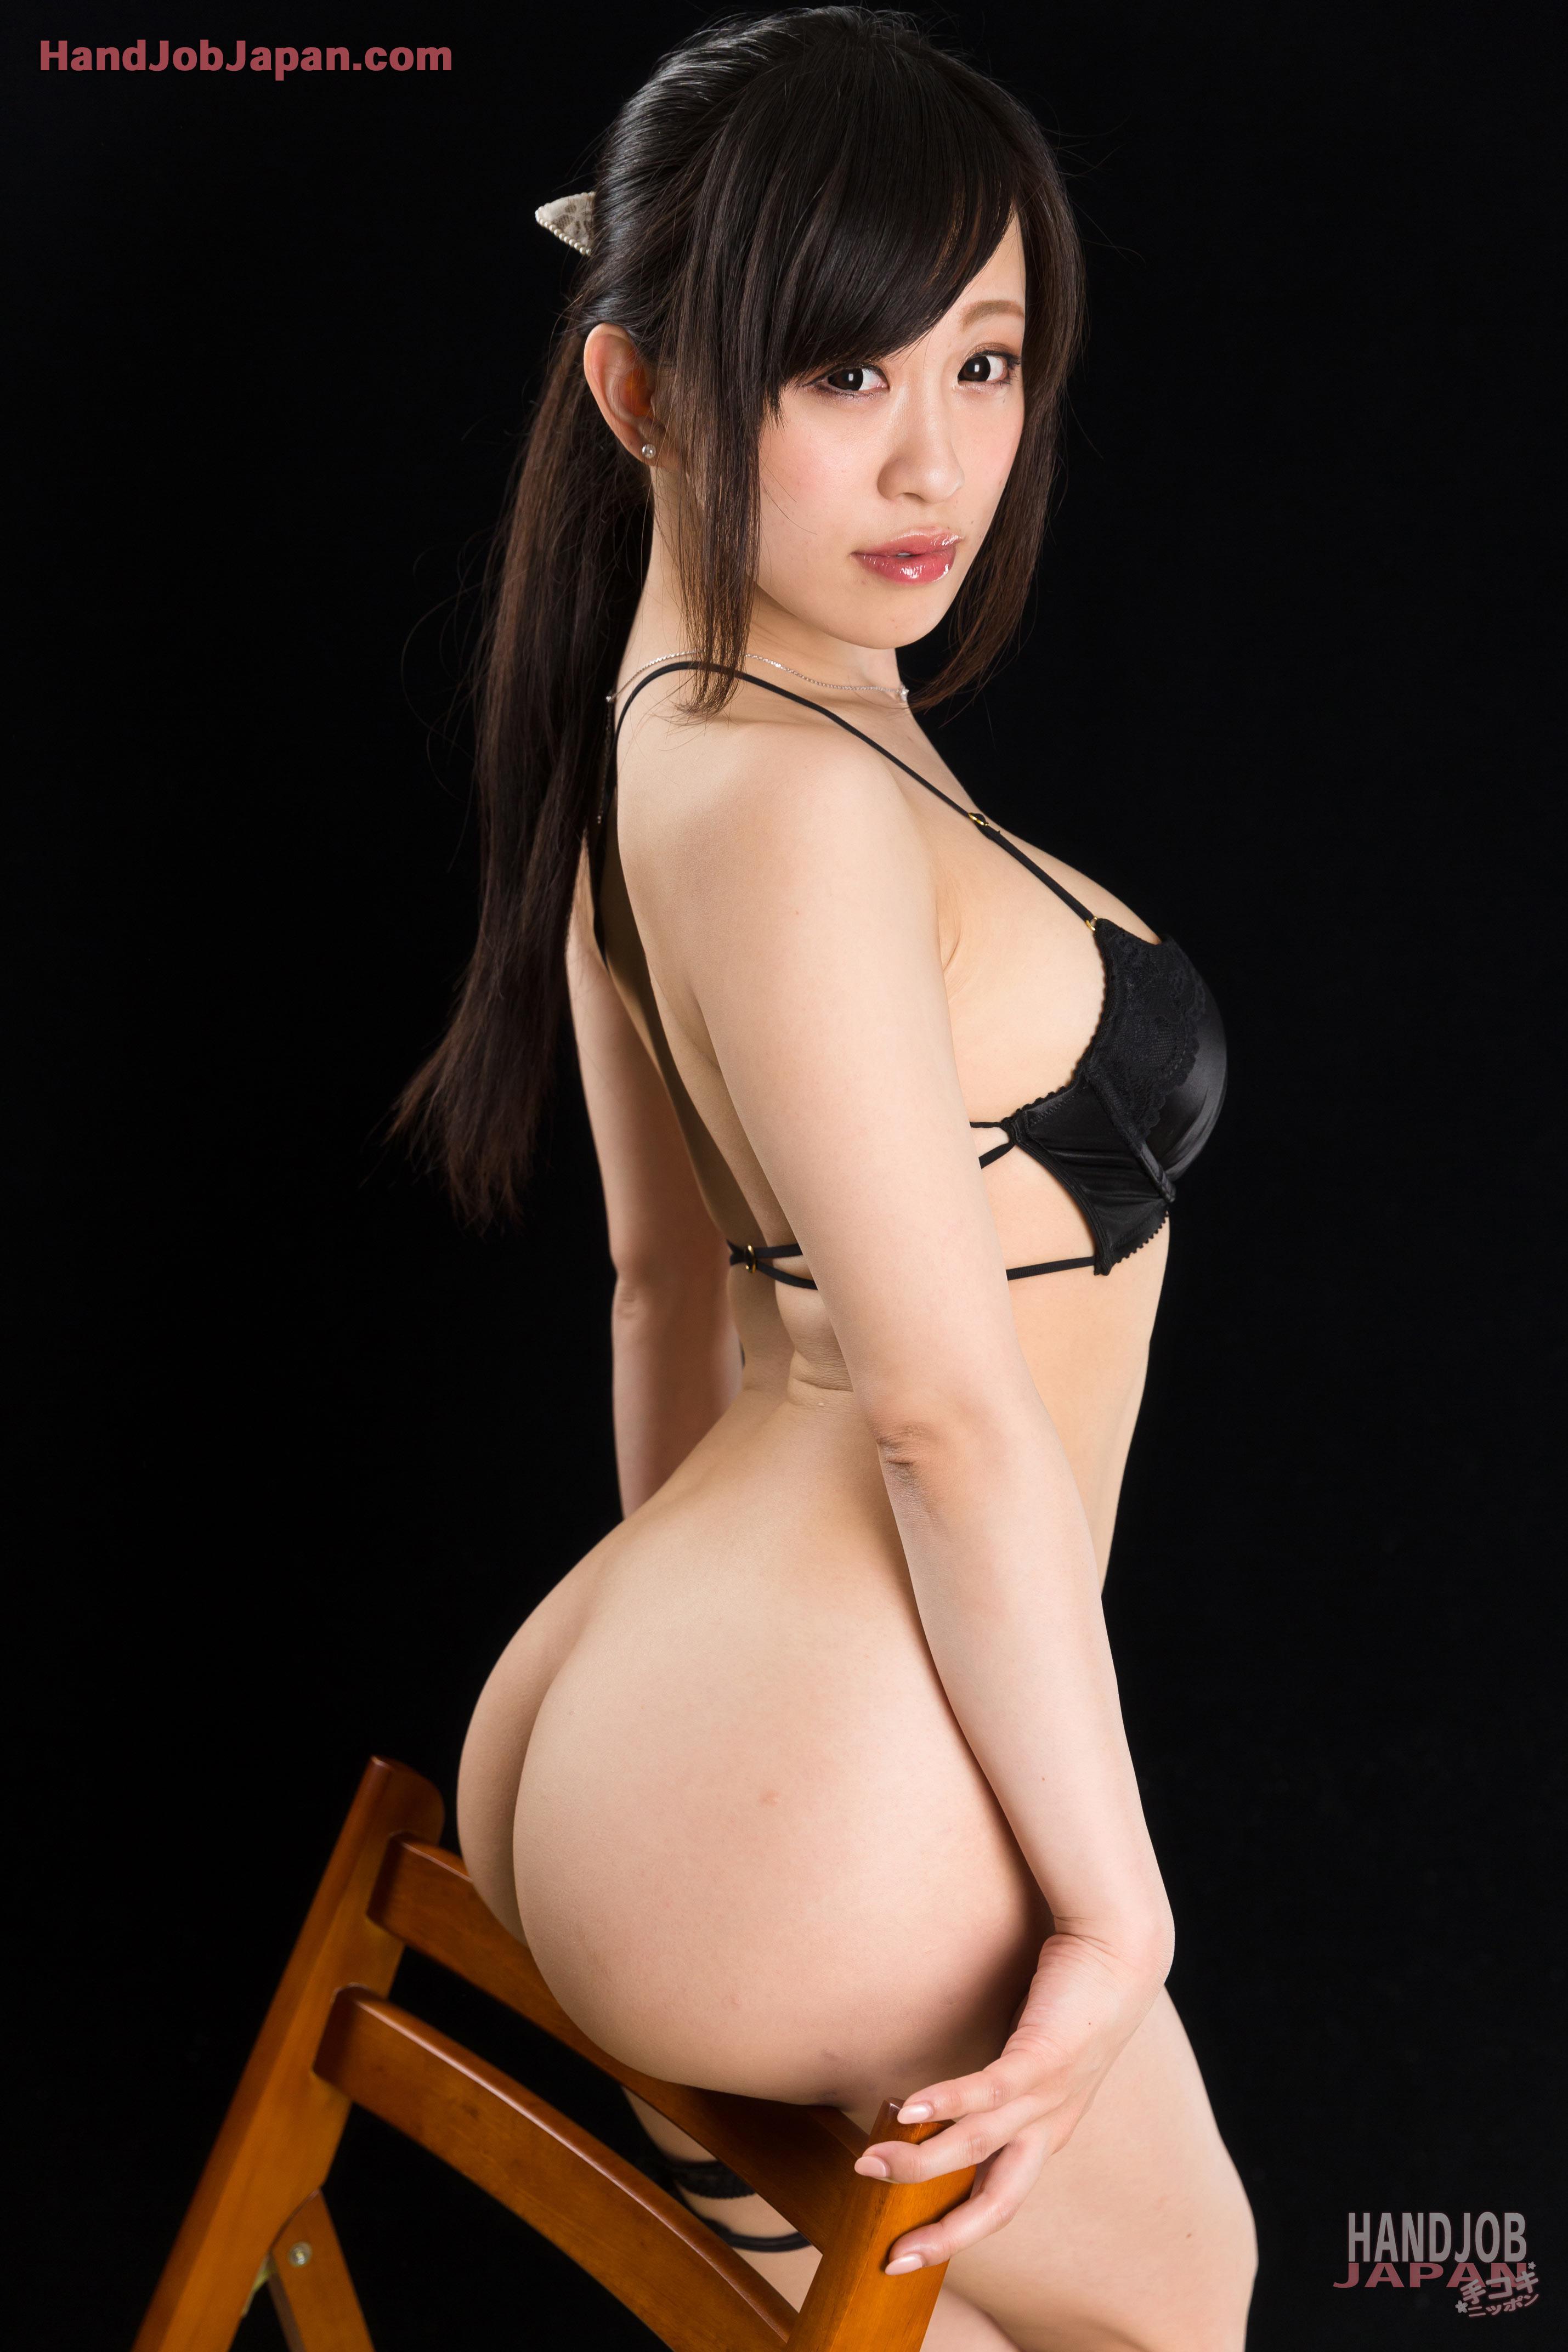 Handjob Japan - Yui Kyouno-9362